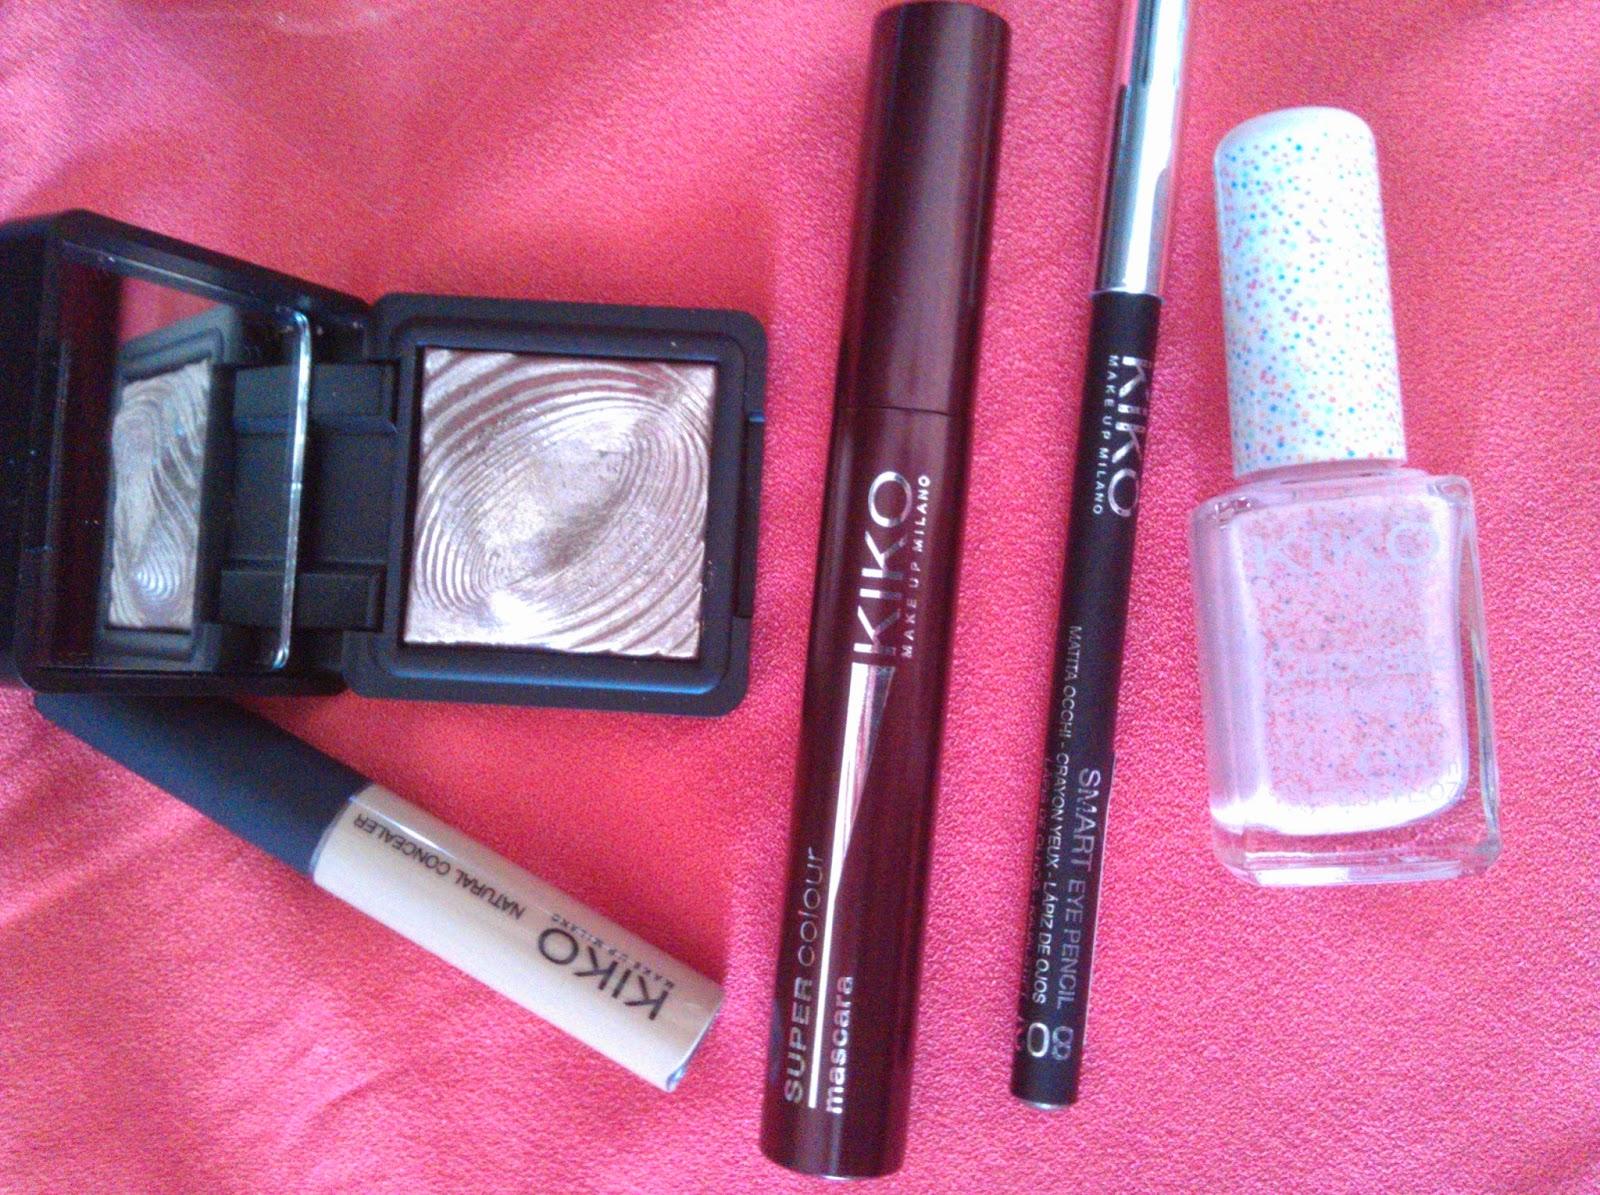 7956f91ed7d Beauty Maniac - Εδώ μιλάμε για ομορφιά!: KIKO Makeup Milano ...